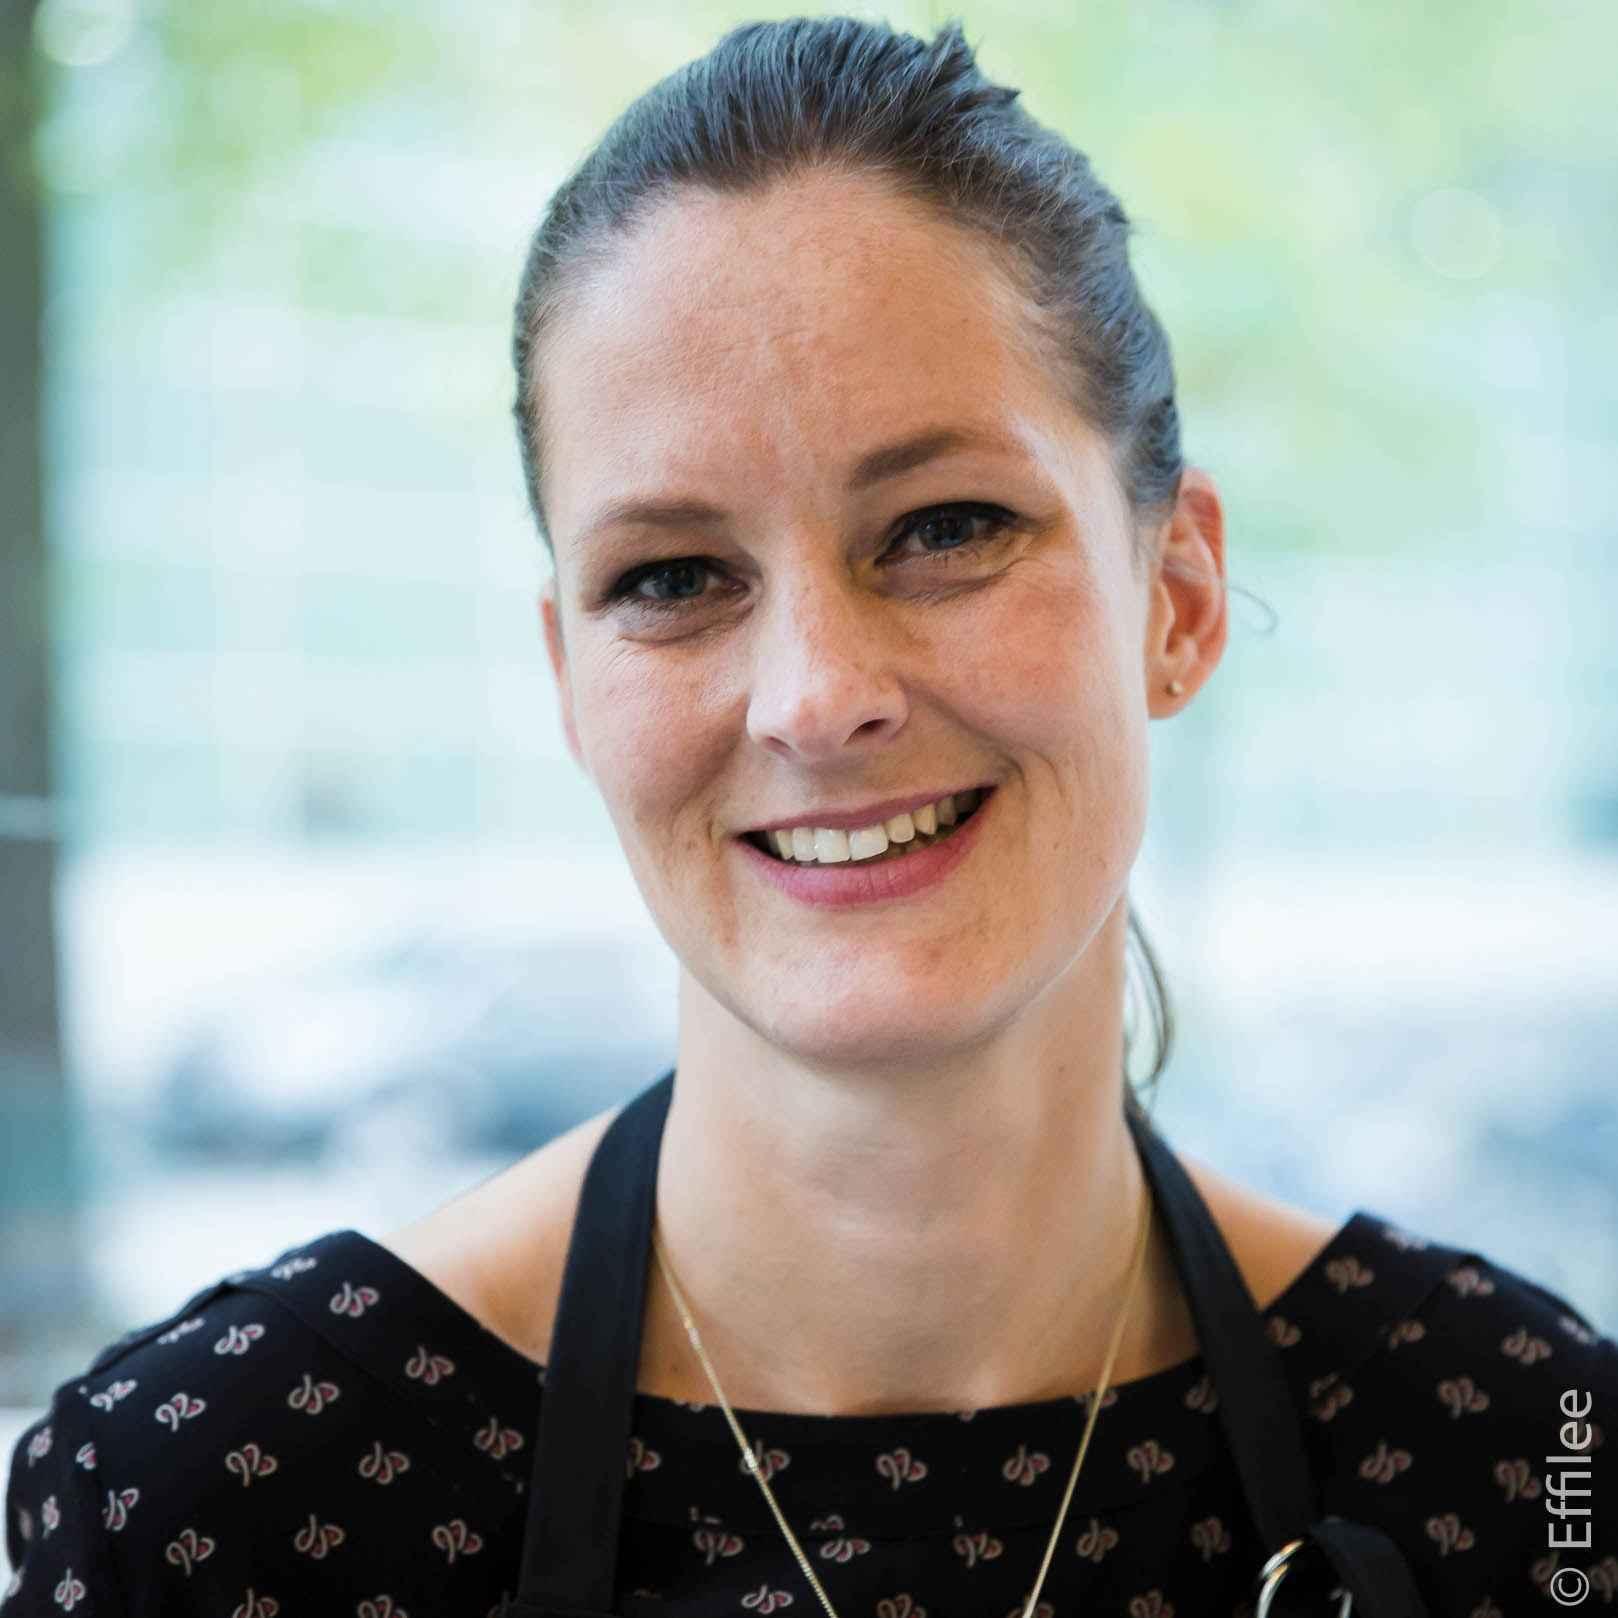 Pia Rathmann von http://piasdeli.de/